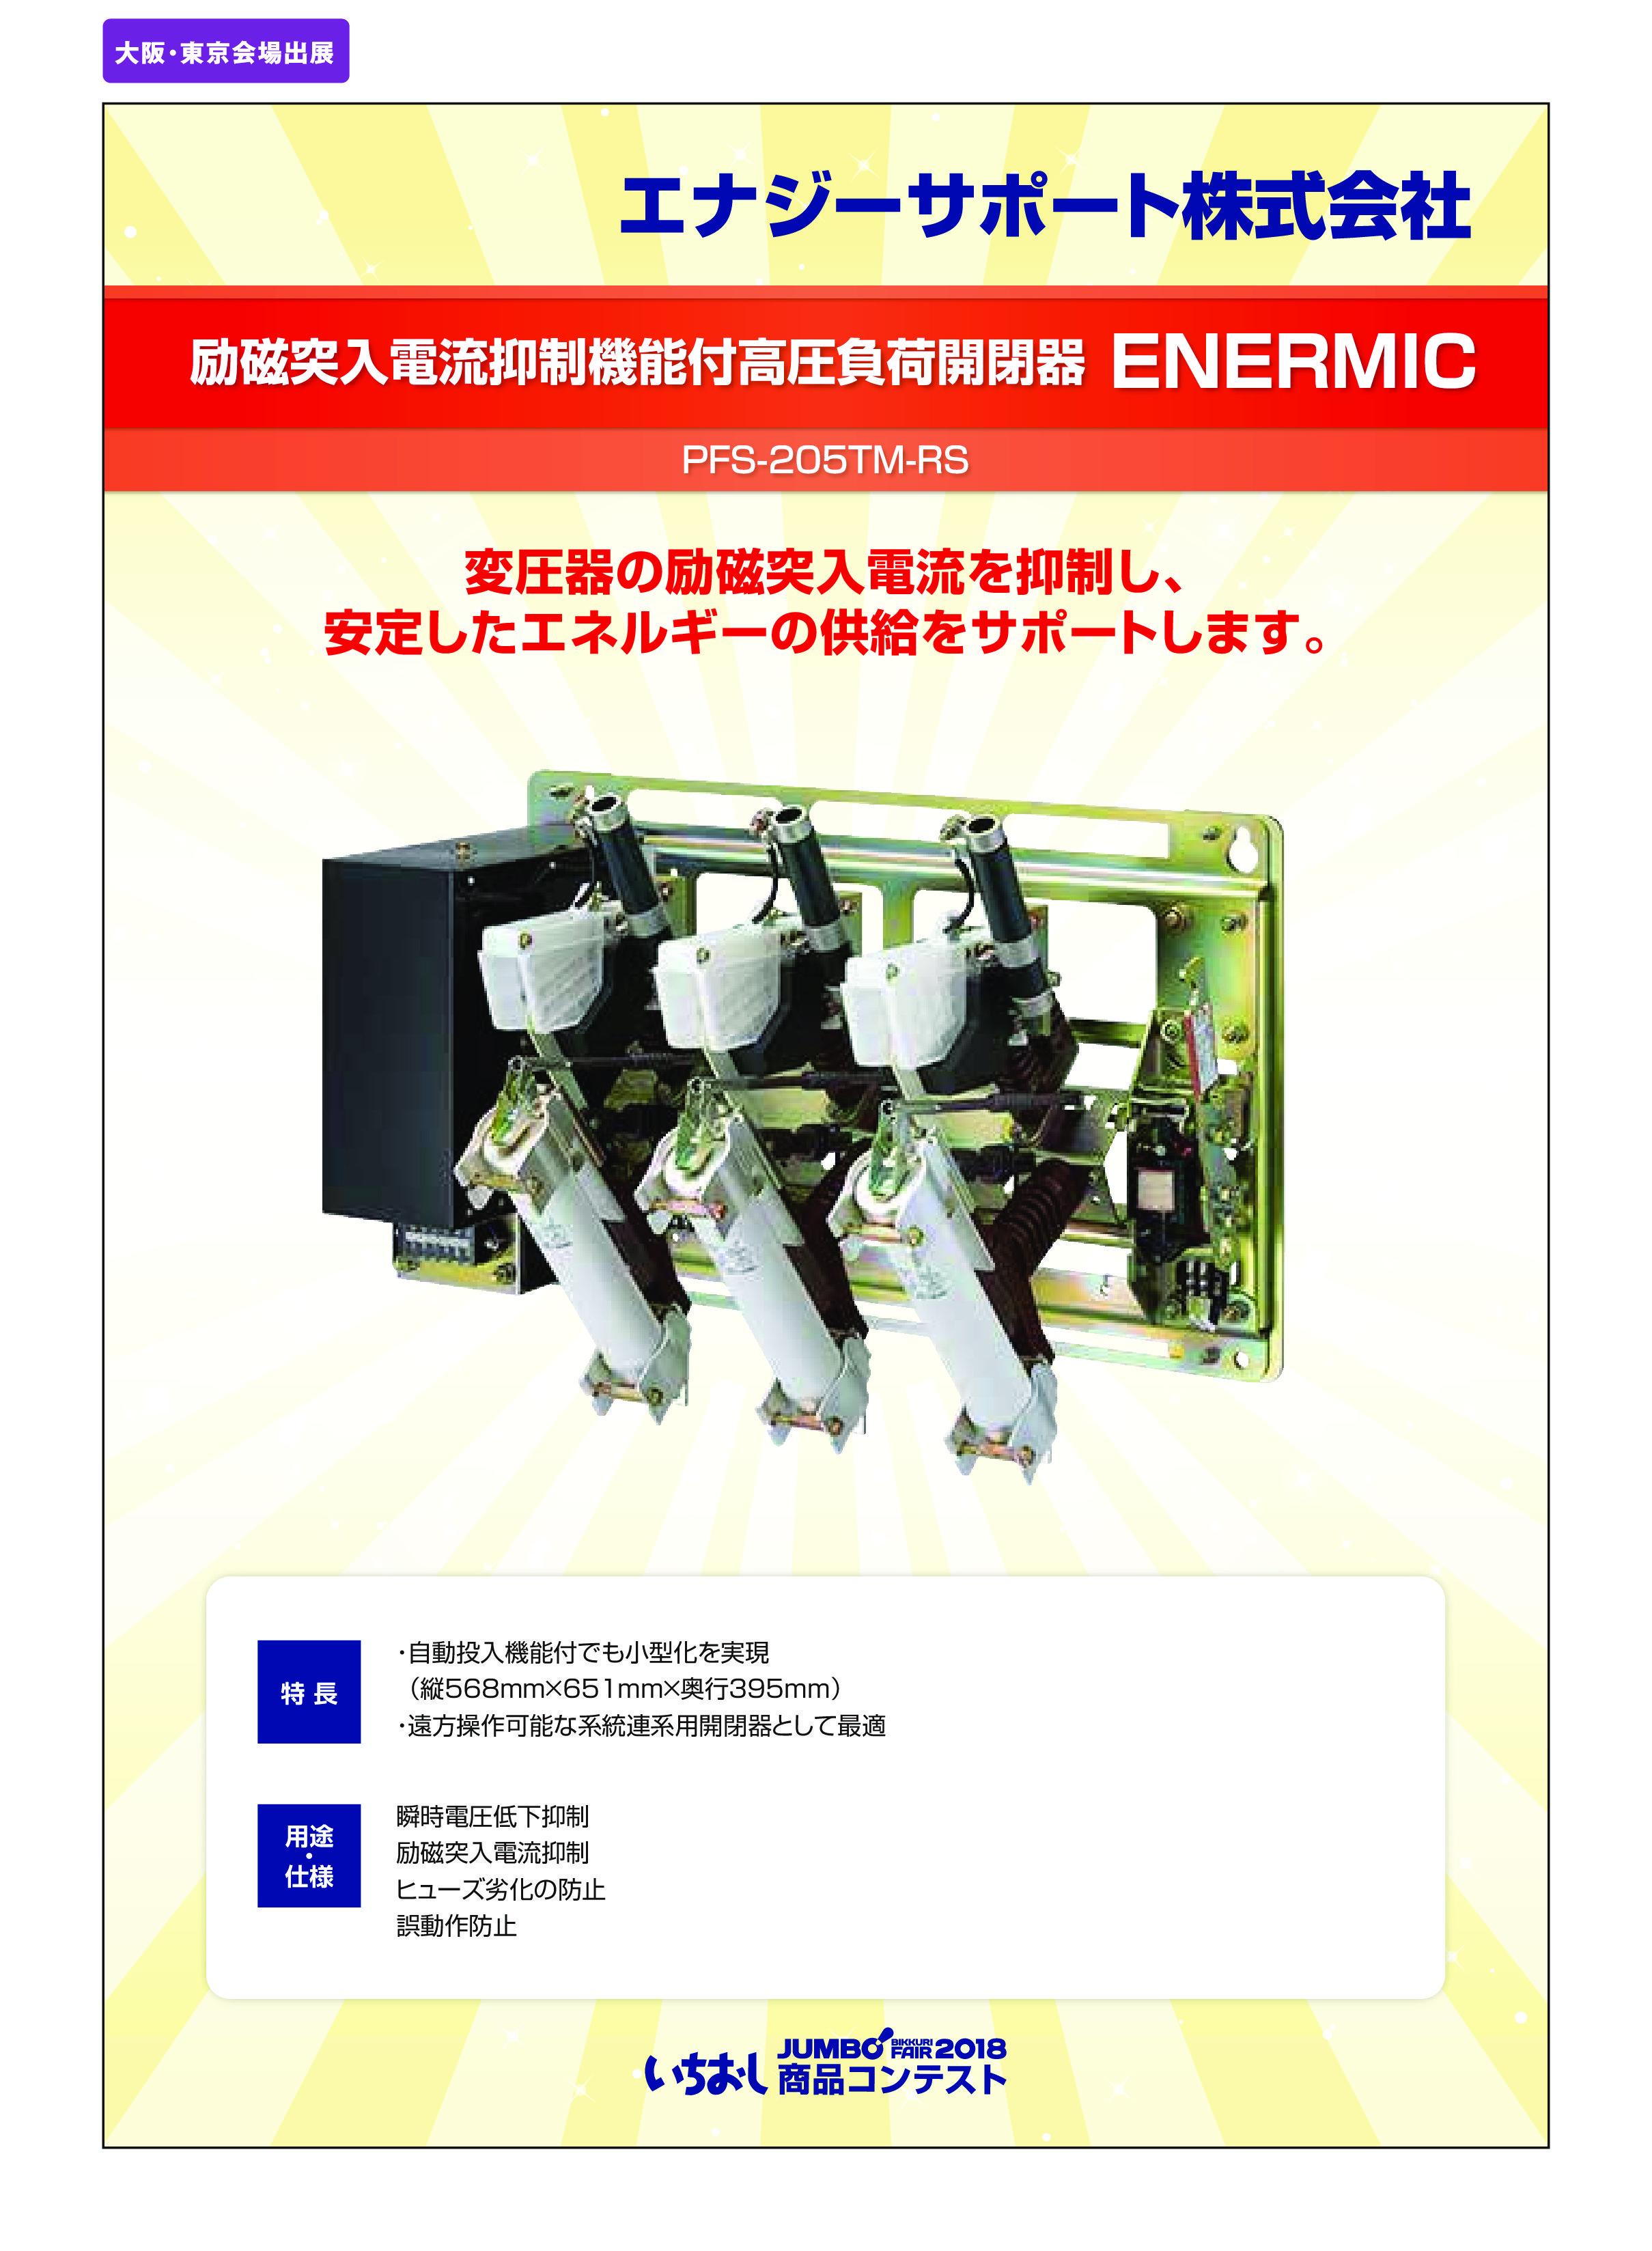 「励磁突入電流抑制機能付高圧負荷開閉器 ENERMIC」エナジーサポート株式会社の画像